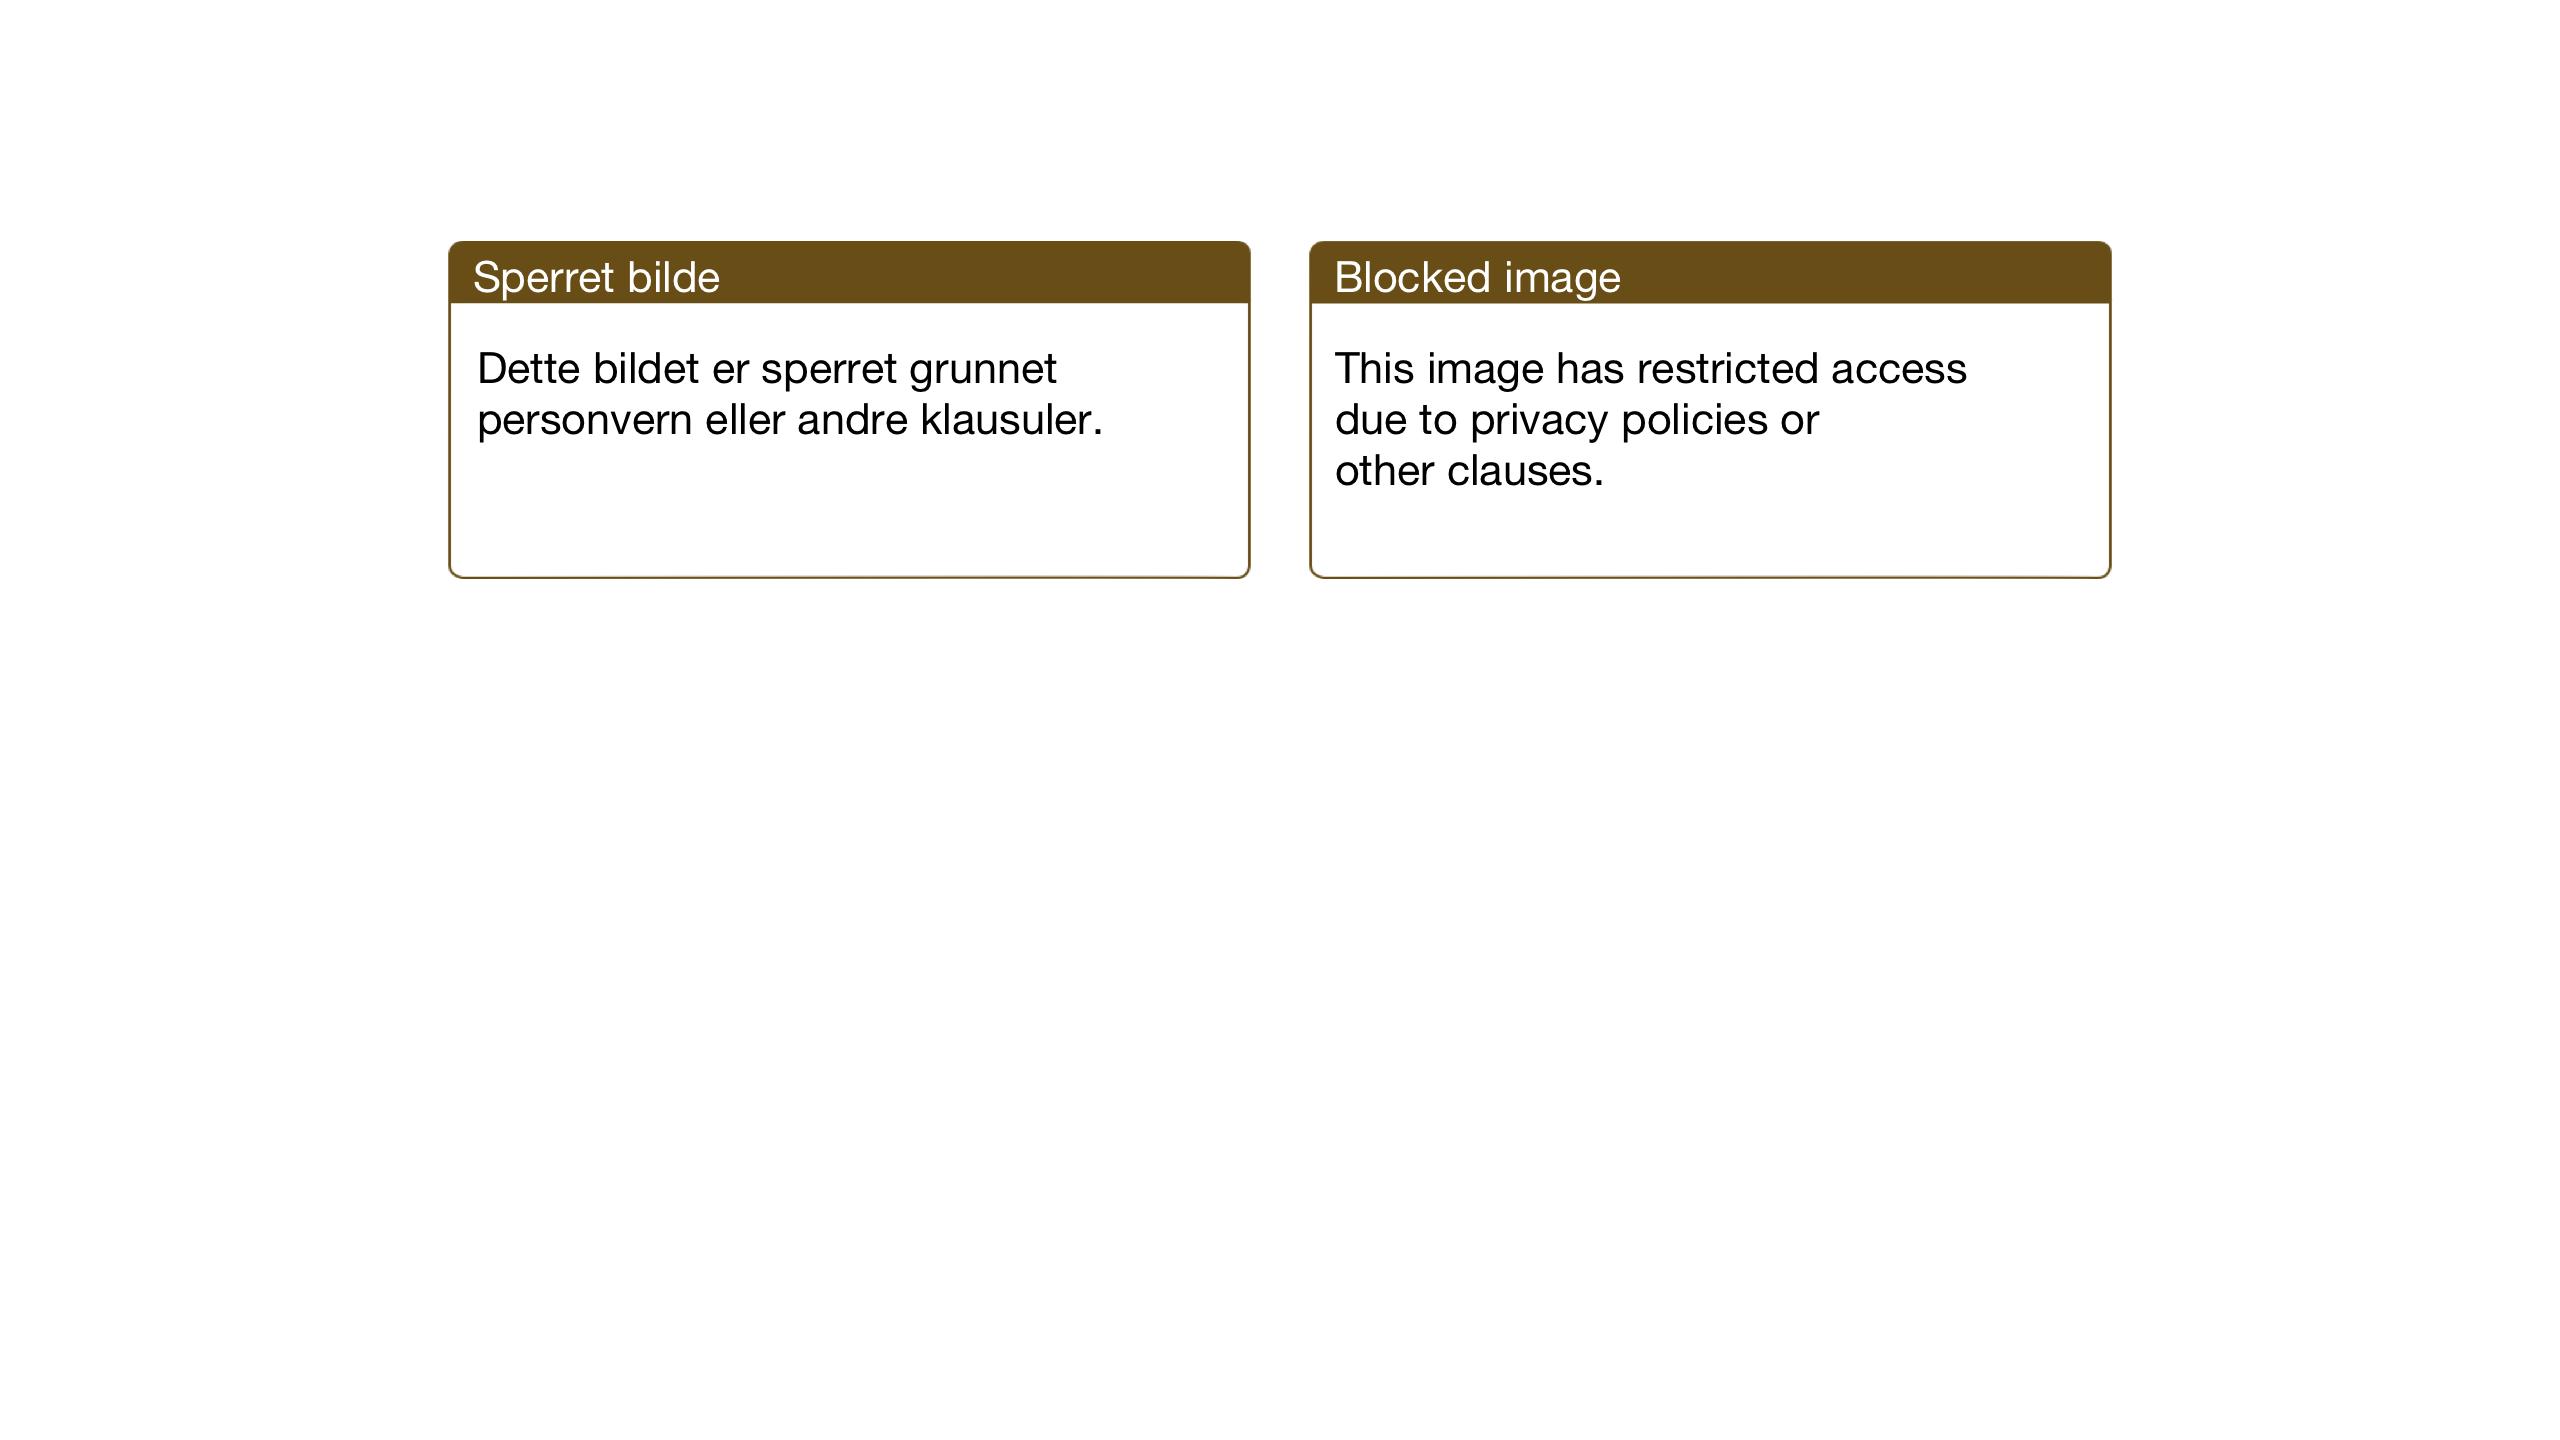 SAT, Ministerialprotokoller, klokkerbøker og fødselsregistre - Sør-Trøndelag, 657/L0718: Klokkerbok nr. 657C05, 1923-1948, s. 209